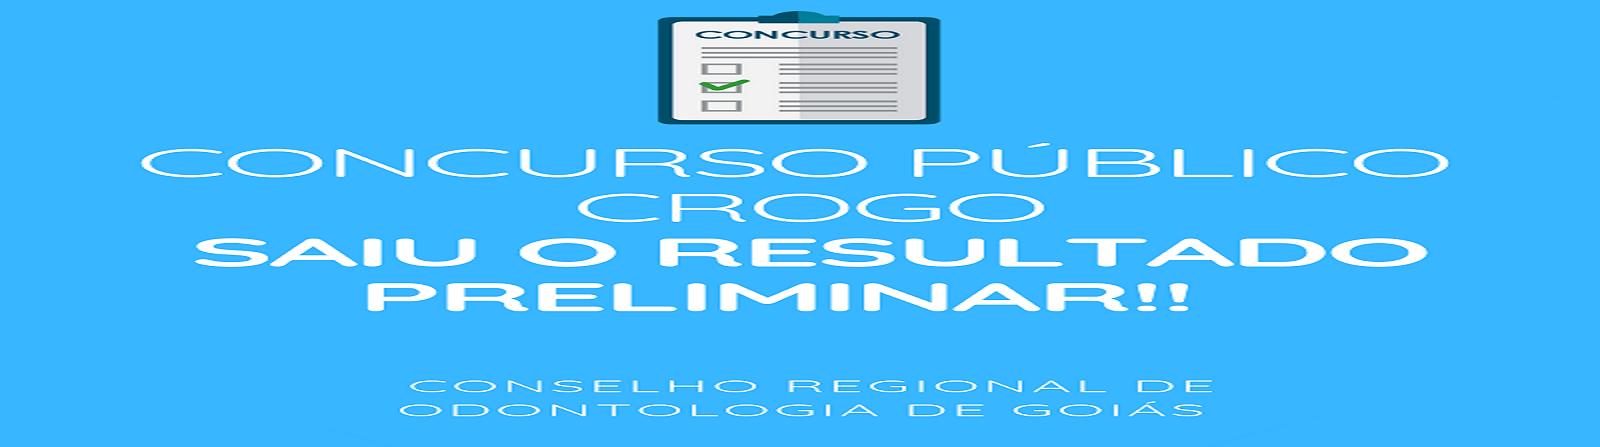 Saiu_o_resultado_preliminar_do_concurso_pblico_do_CROGO_-_1600_x_447